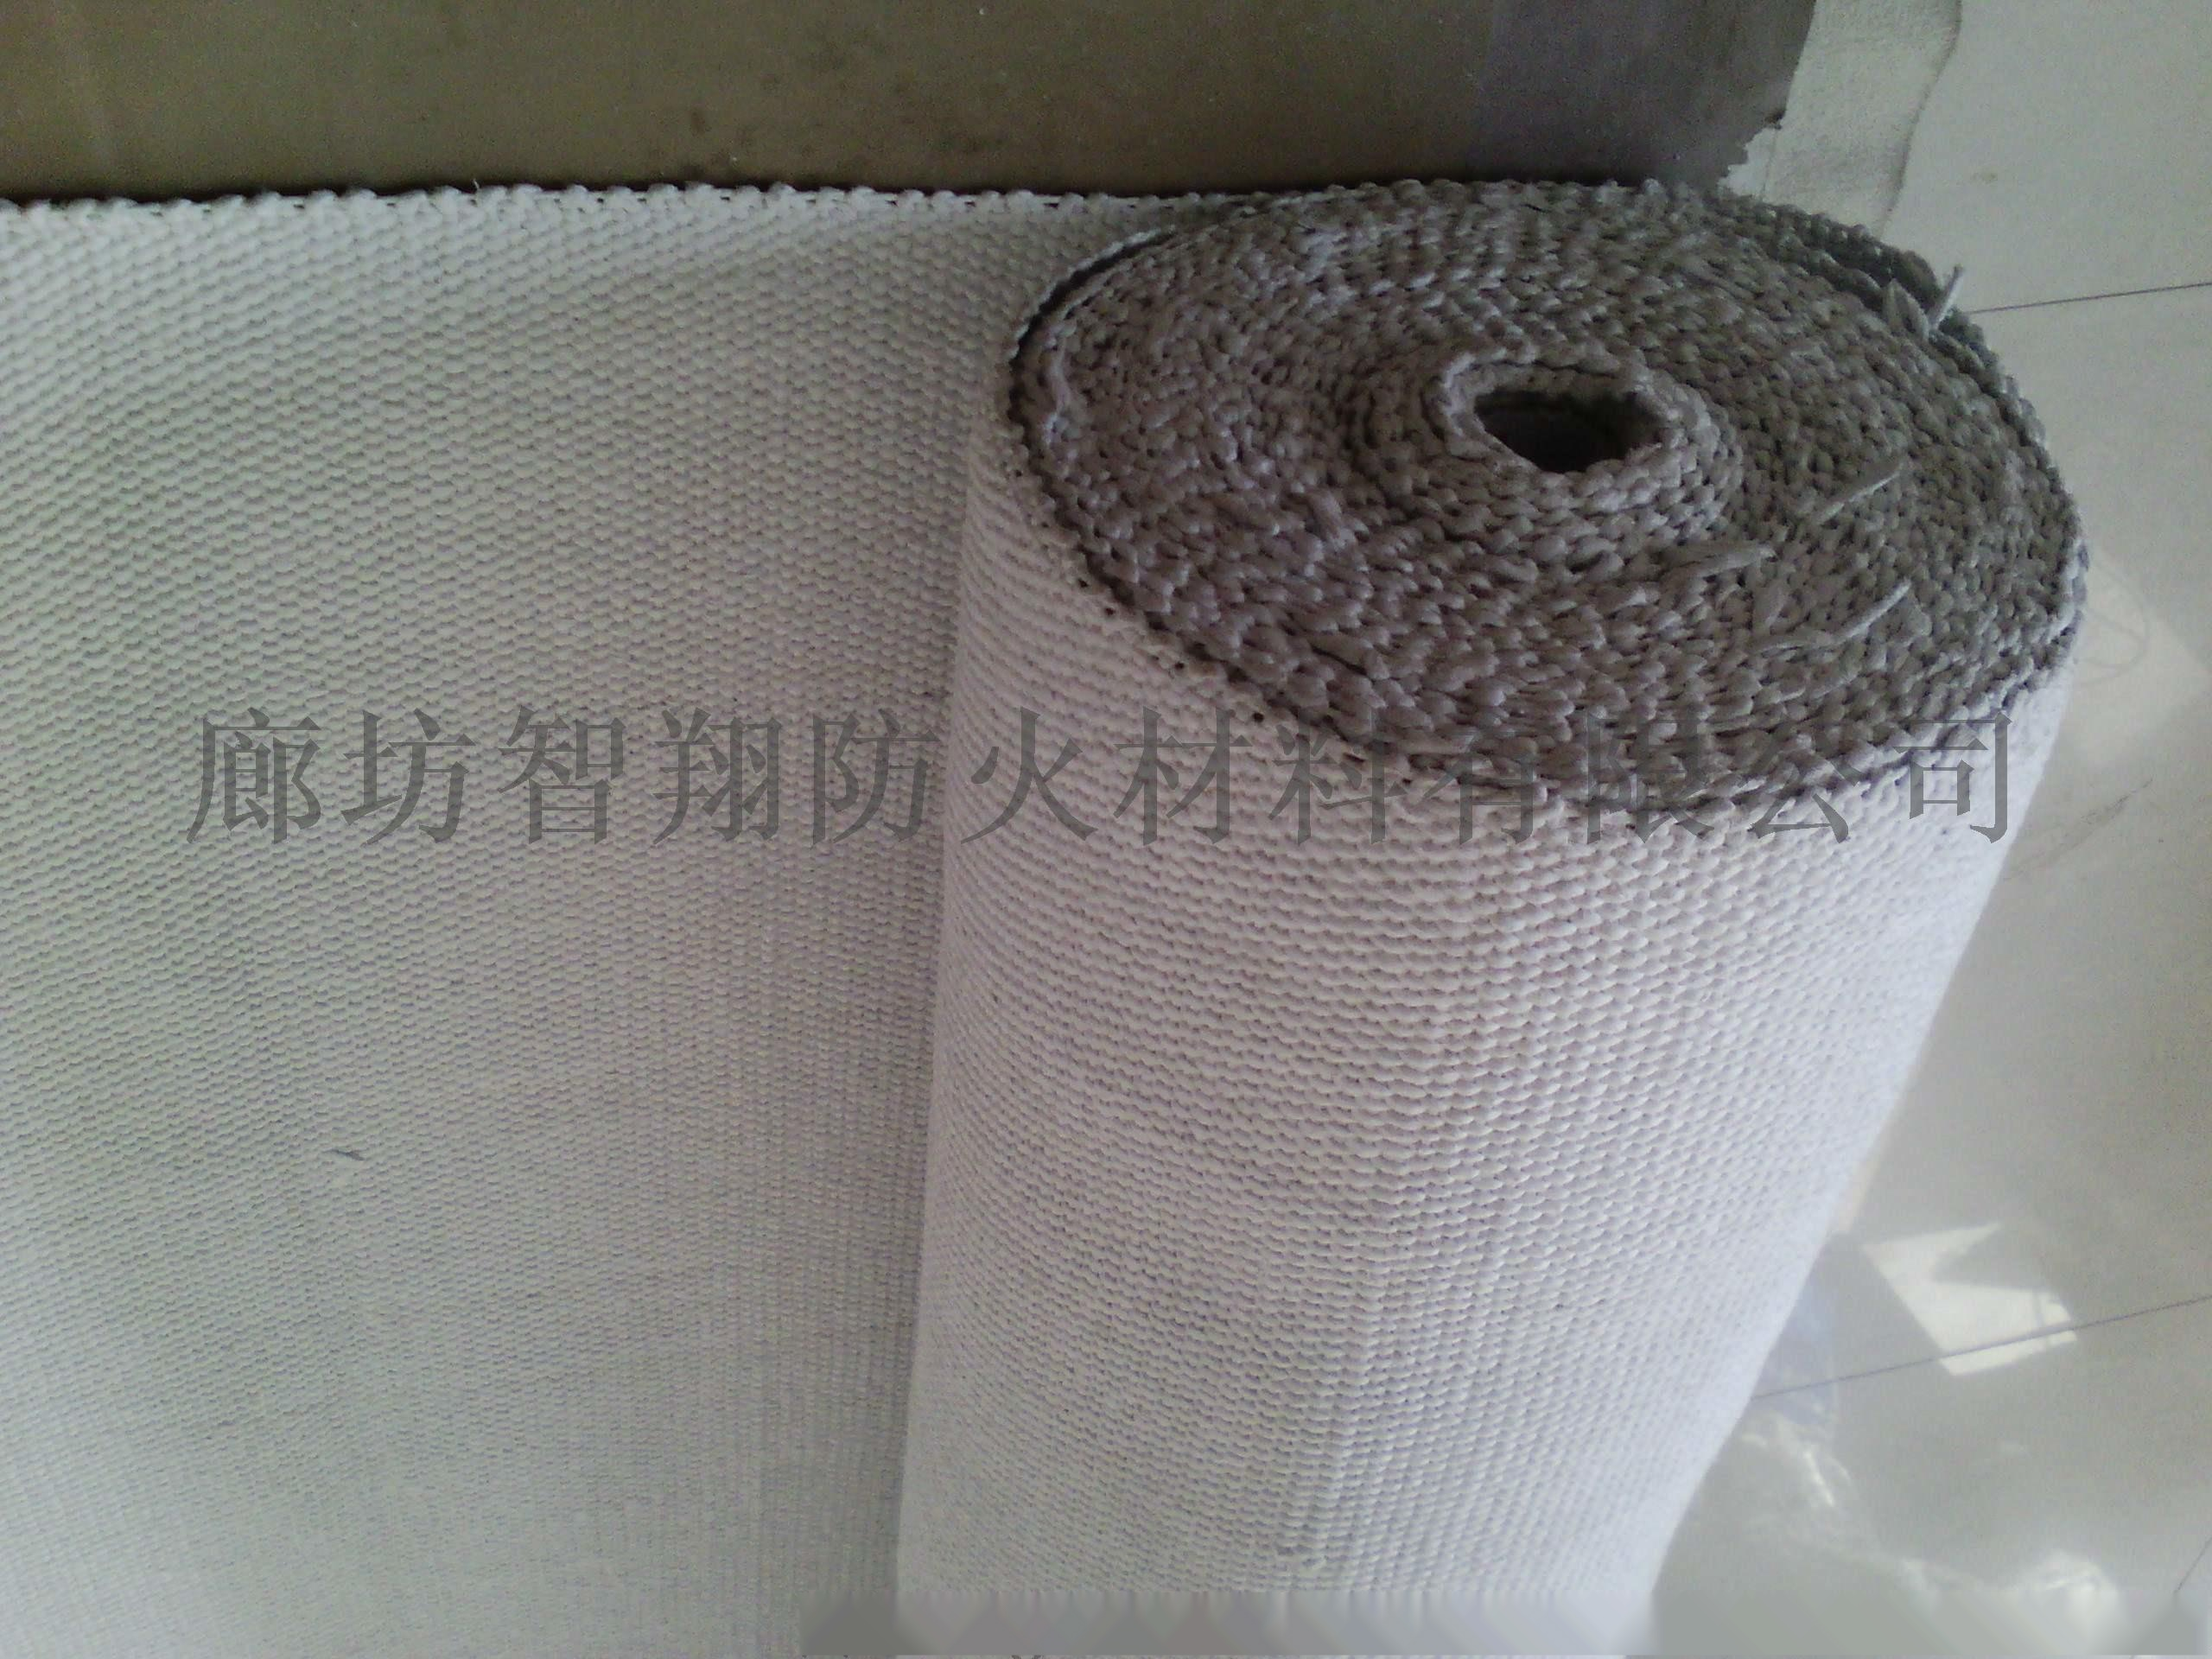 耐熱電焊無塵石棉布廠家777845052